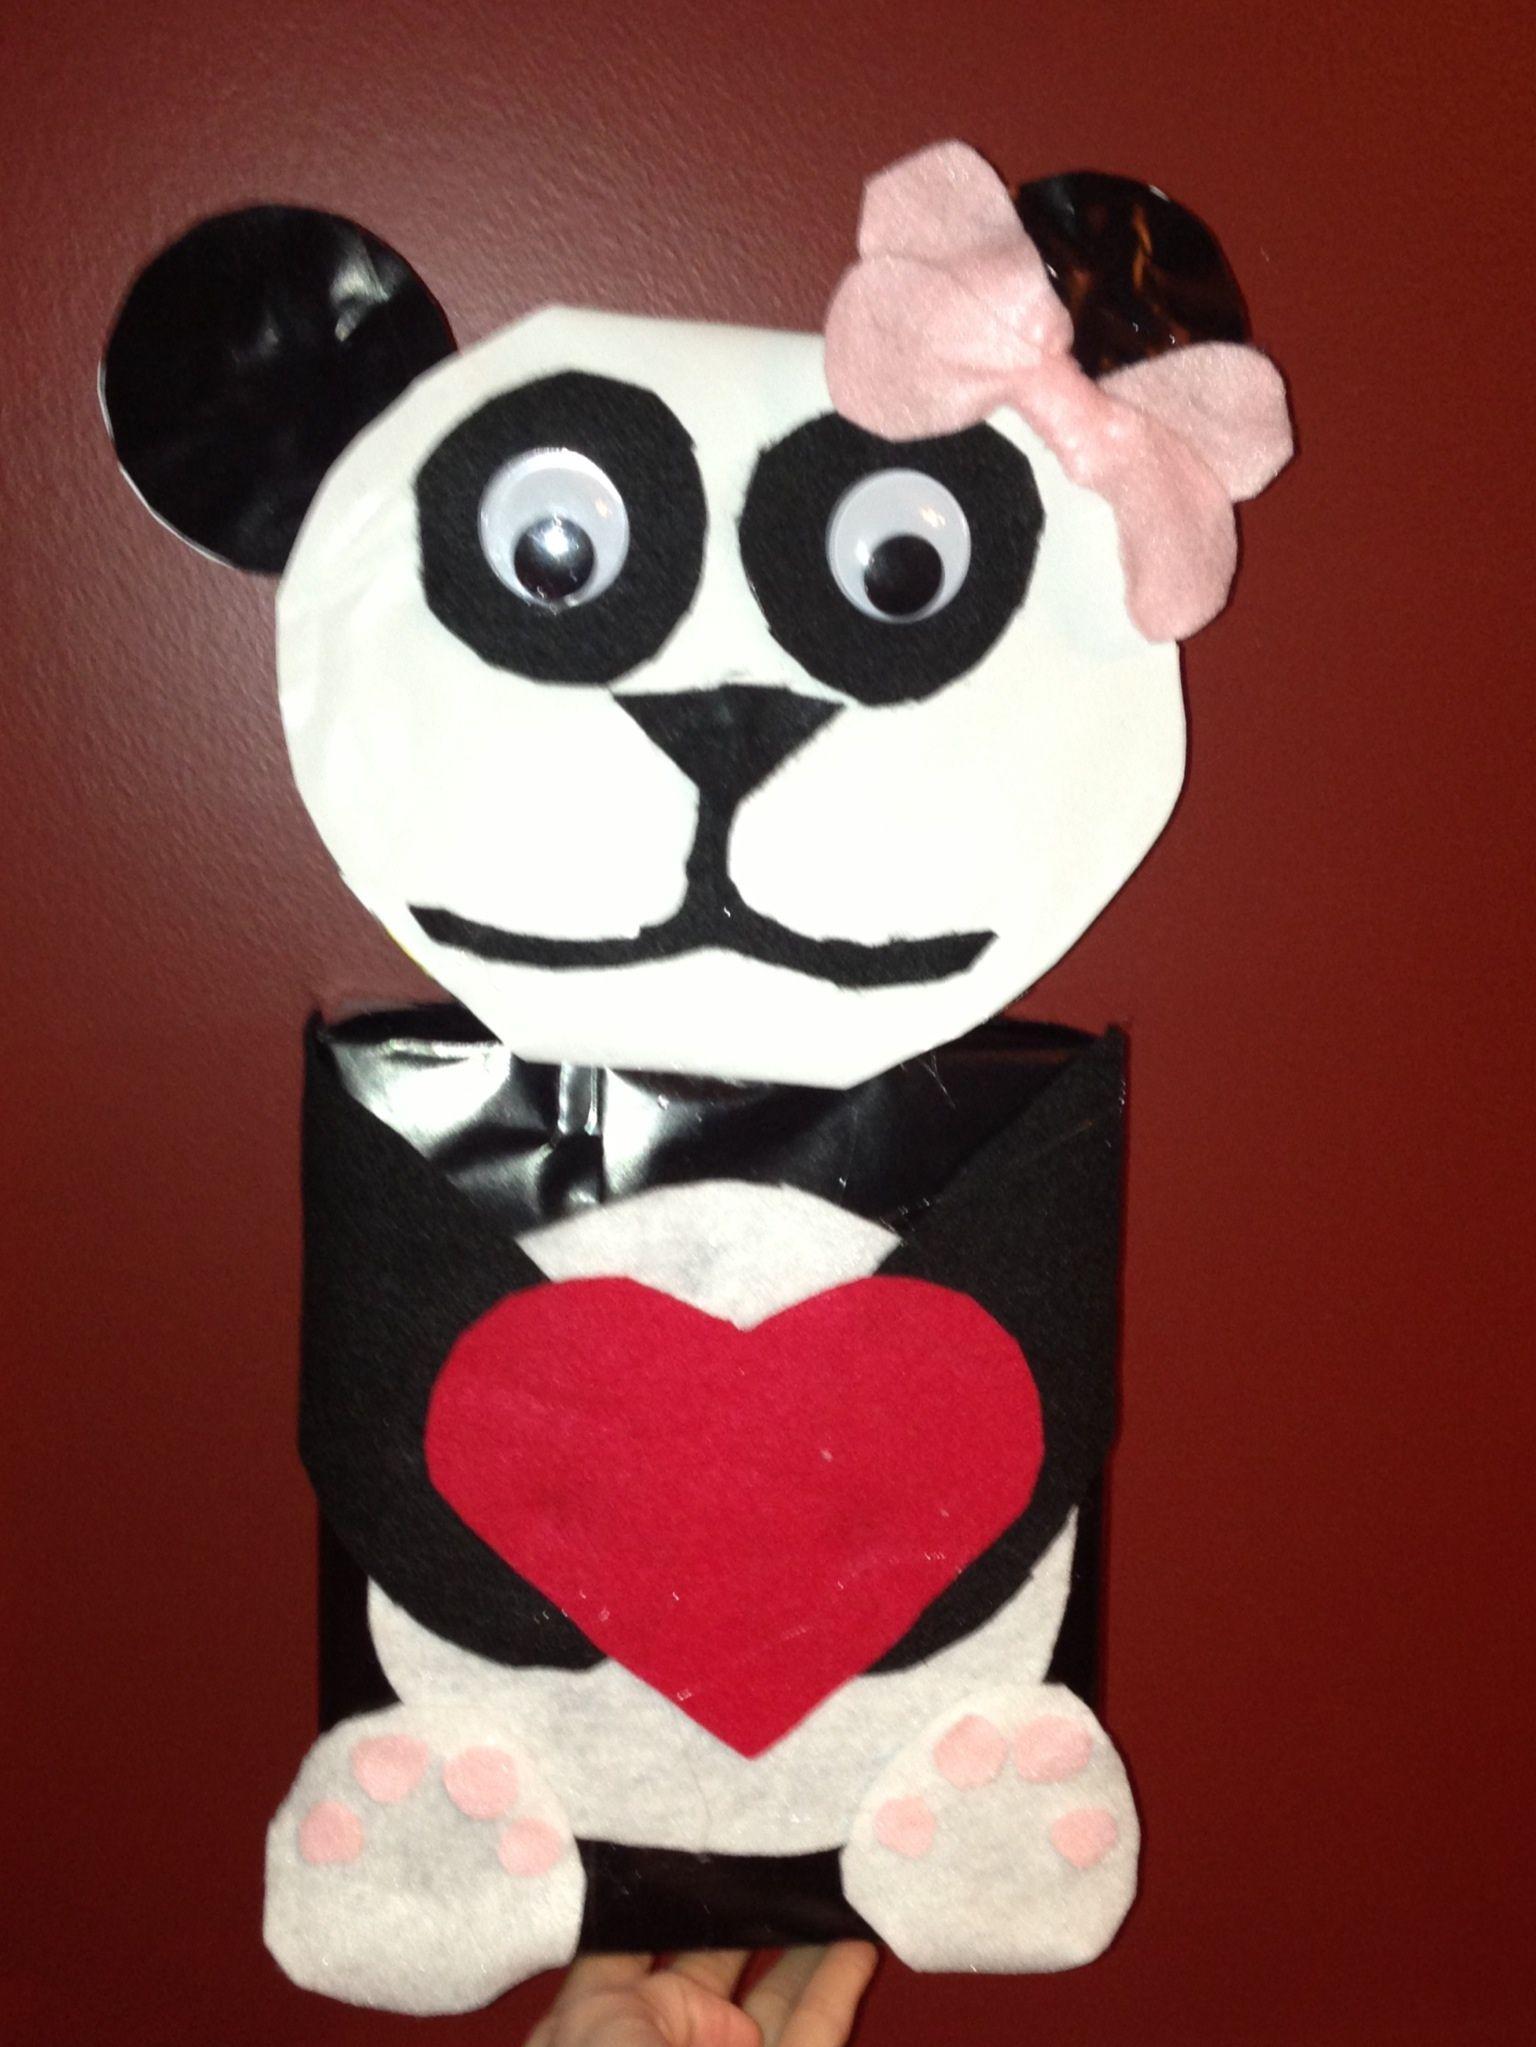 Autumnu0027s Panda Bear Valentine Box